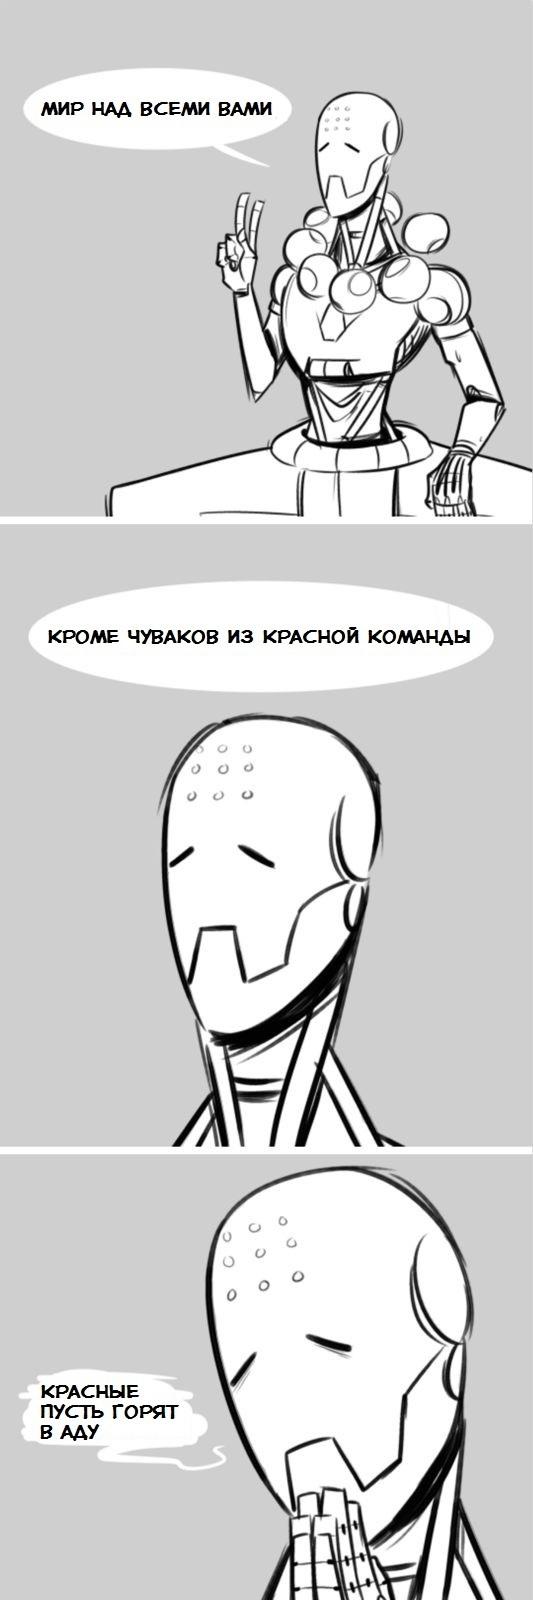 Миролюбивый Дзенъятта Overwatch, Zenyatta, Комиксы, Игры, Плохо скрытая ненависть, Длиннопост